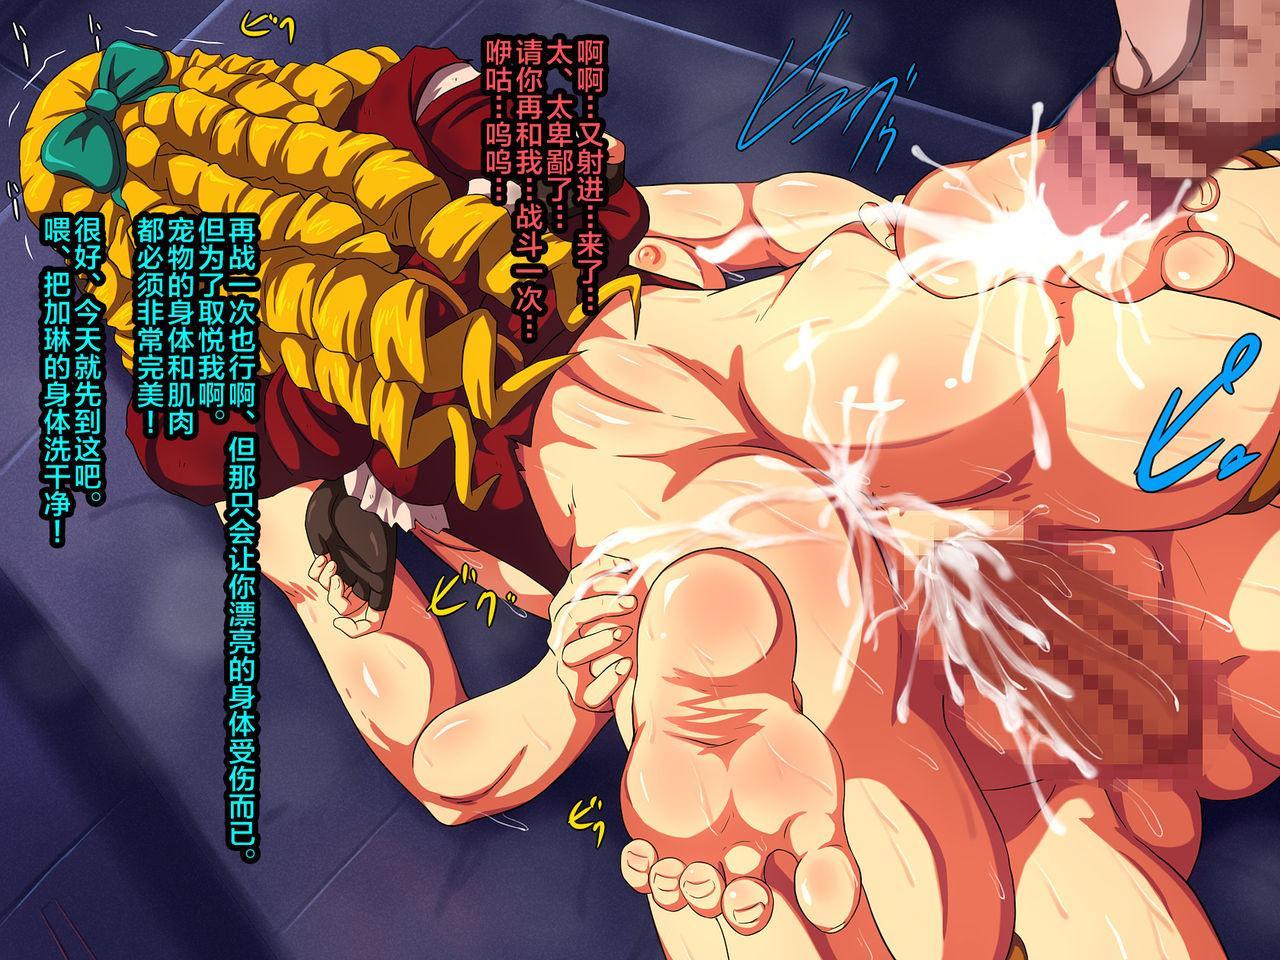 [L-u (Makura no Doushi)] Kegasareta Ojou-sama -Tights ni Shimiru Jiru- (Street Fighter) [Chinese] [新桥月白日语社] 180